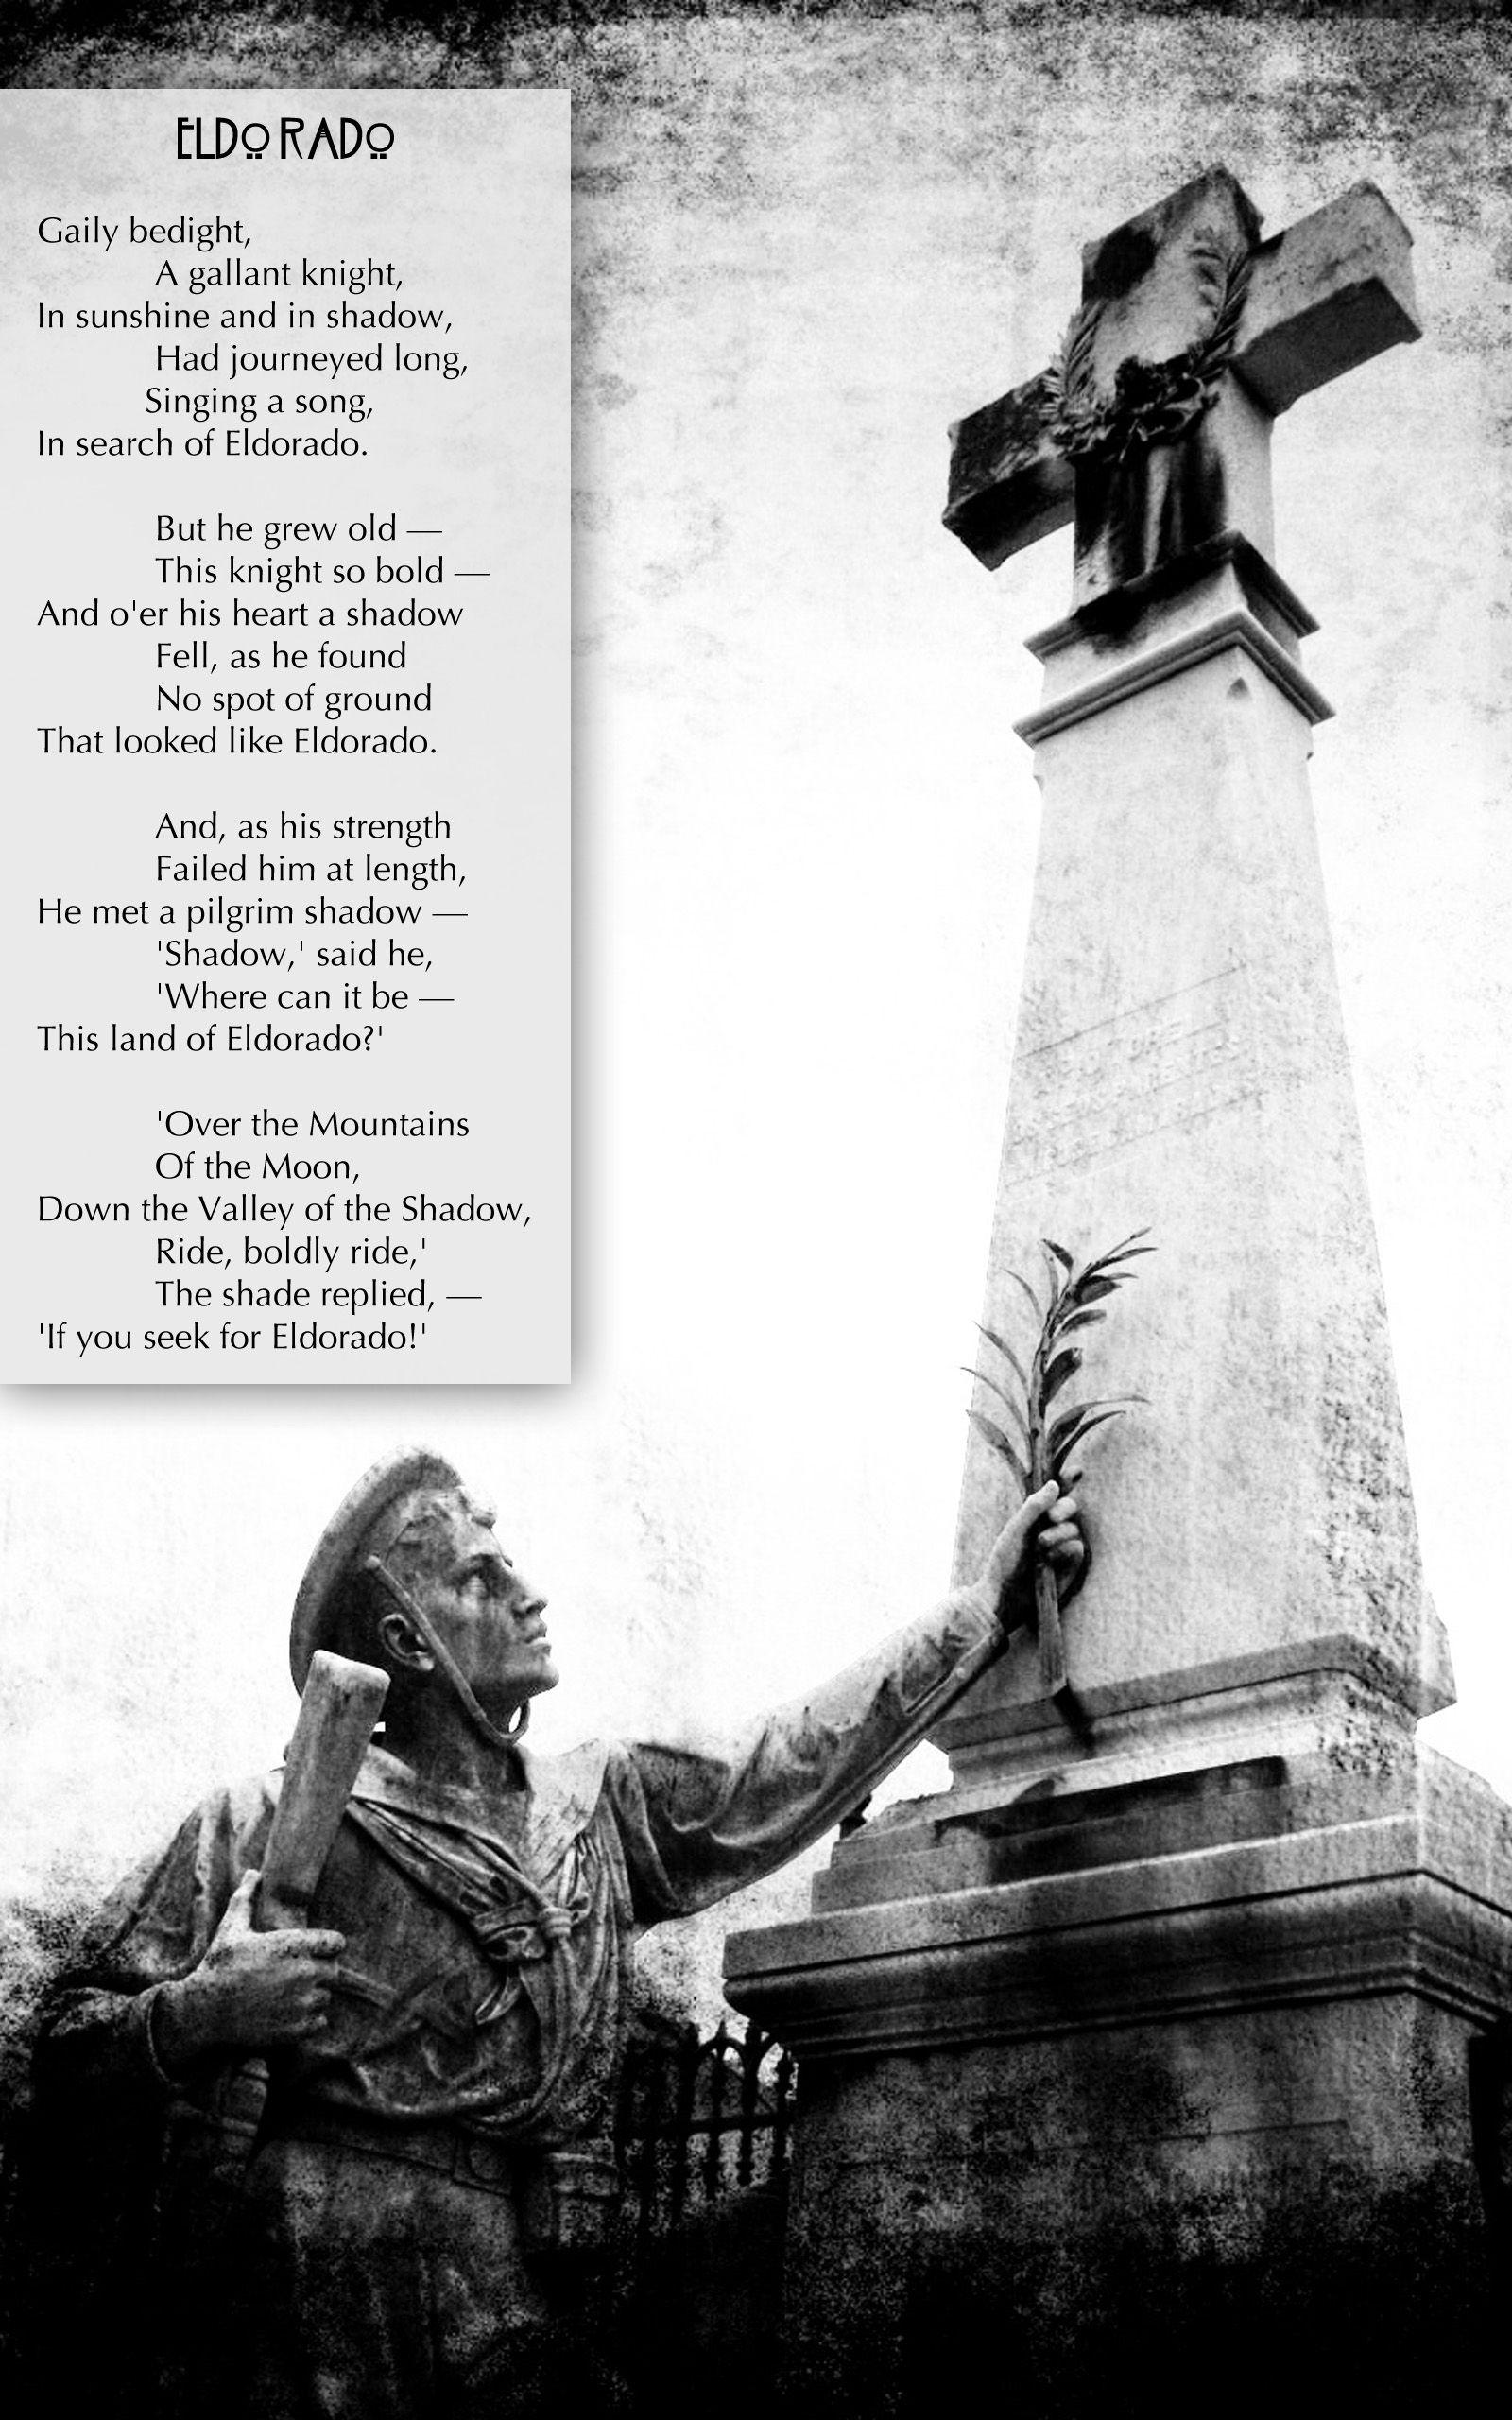 Eldorado by Edgar Allan Poe - one of my favorite poems of ...